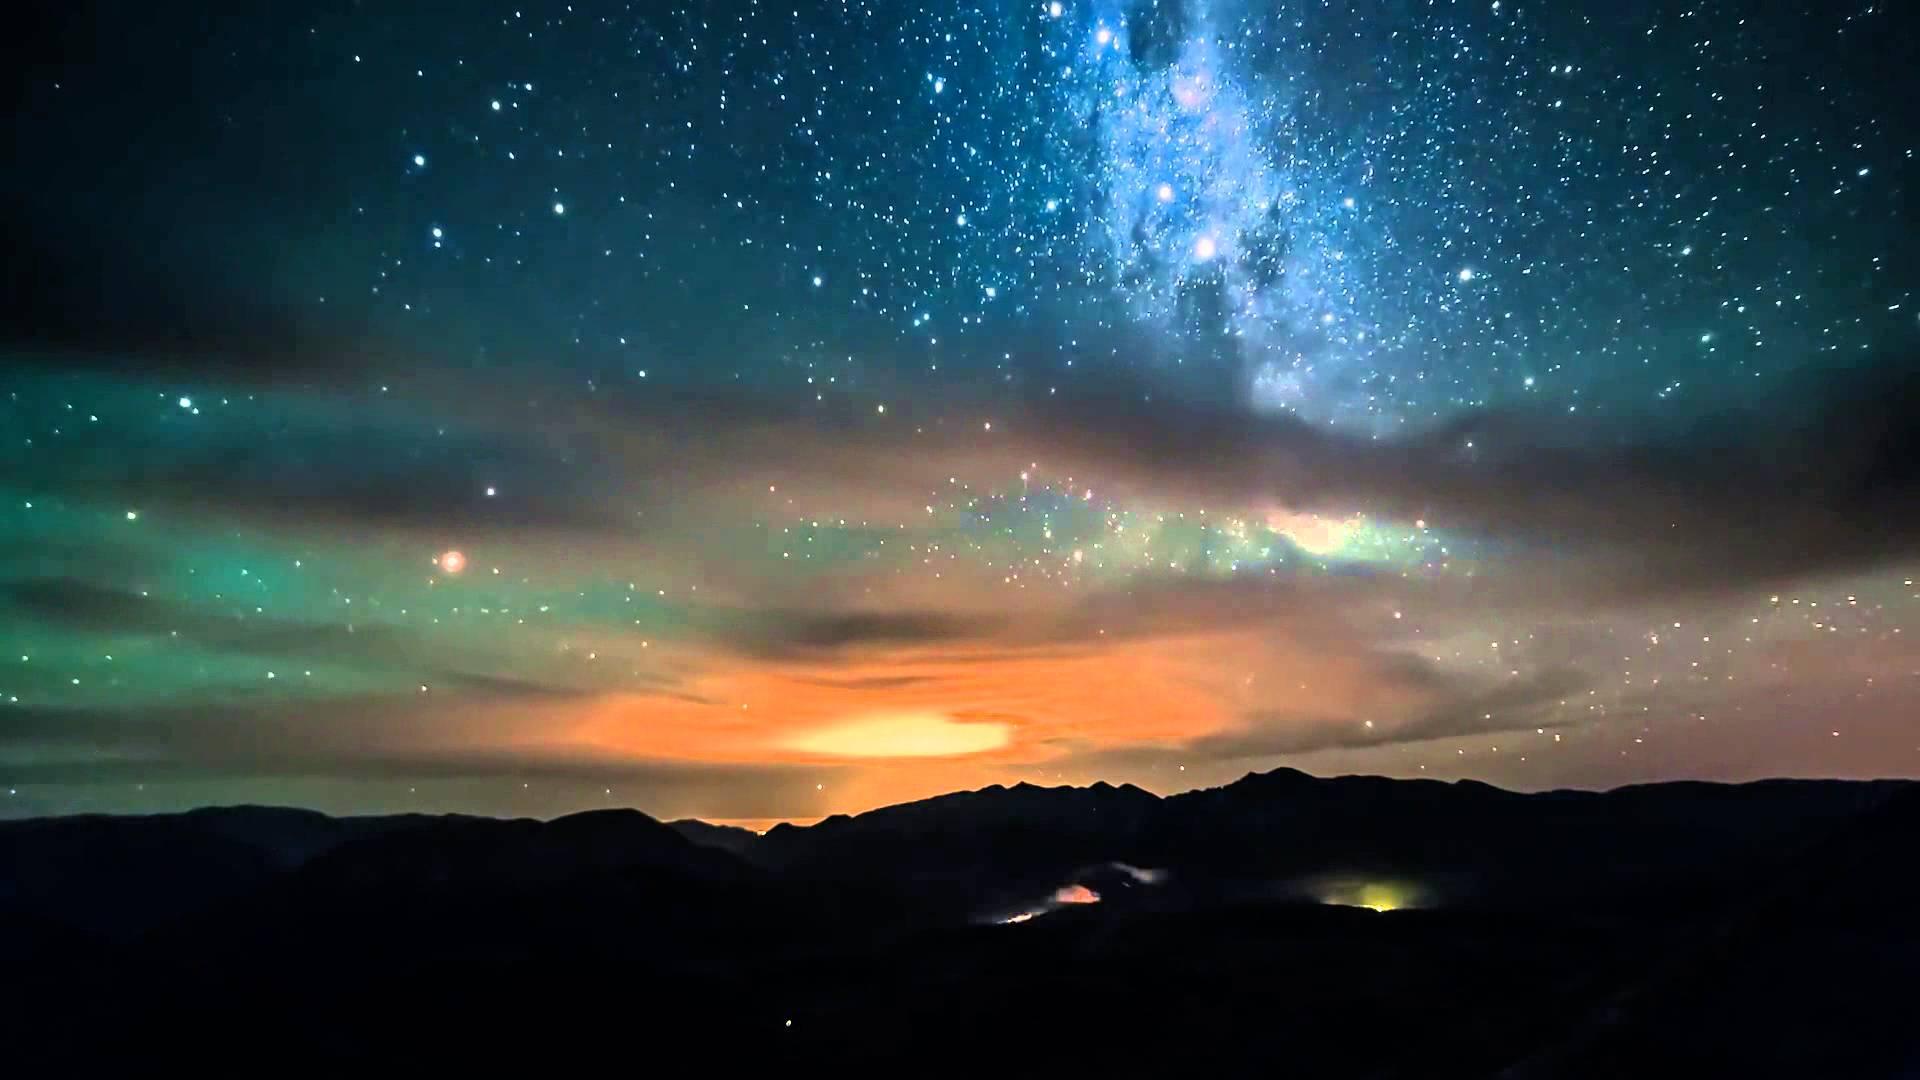 Звездное небо фотошоп 7